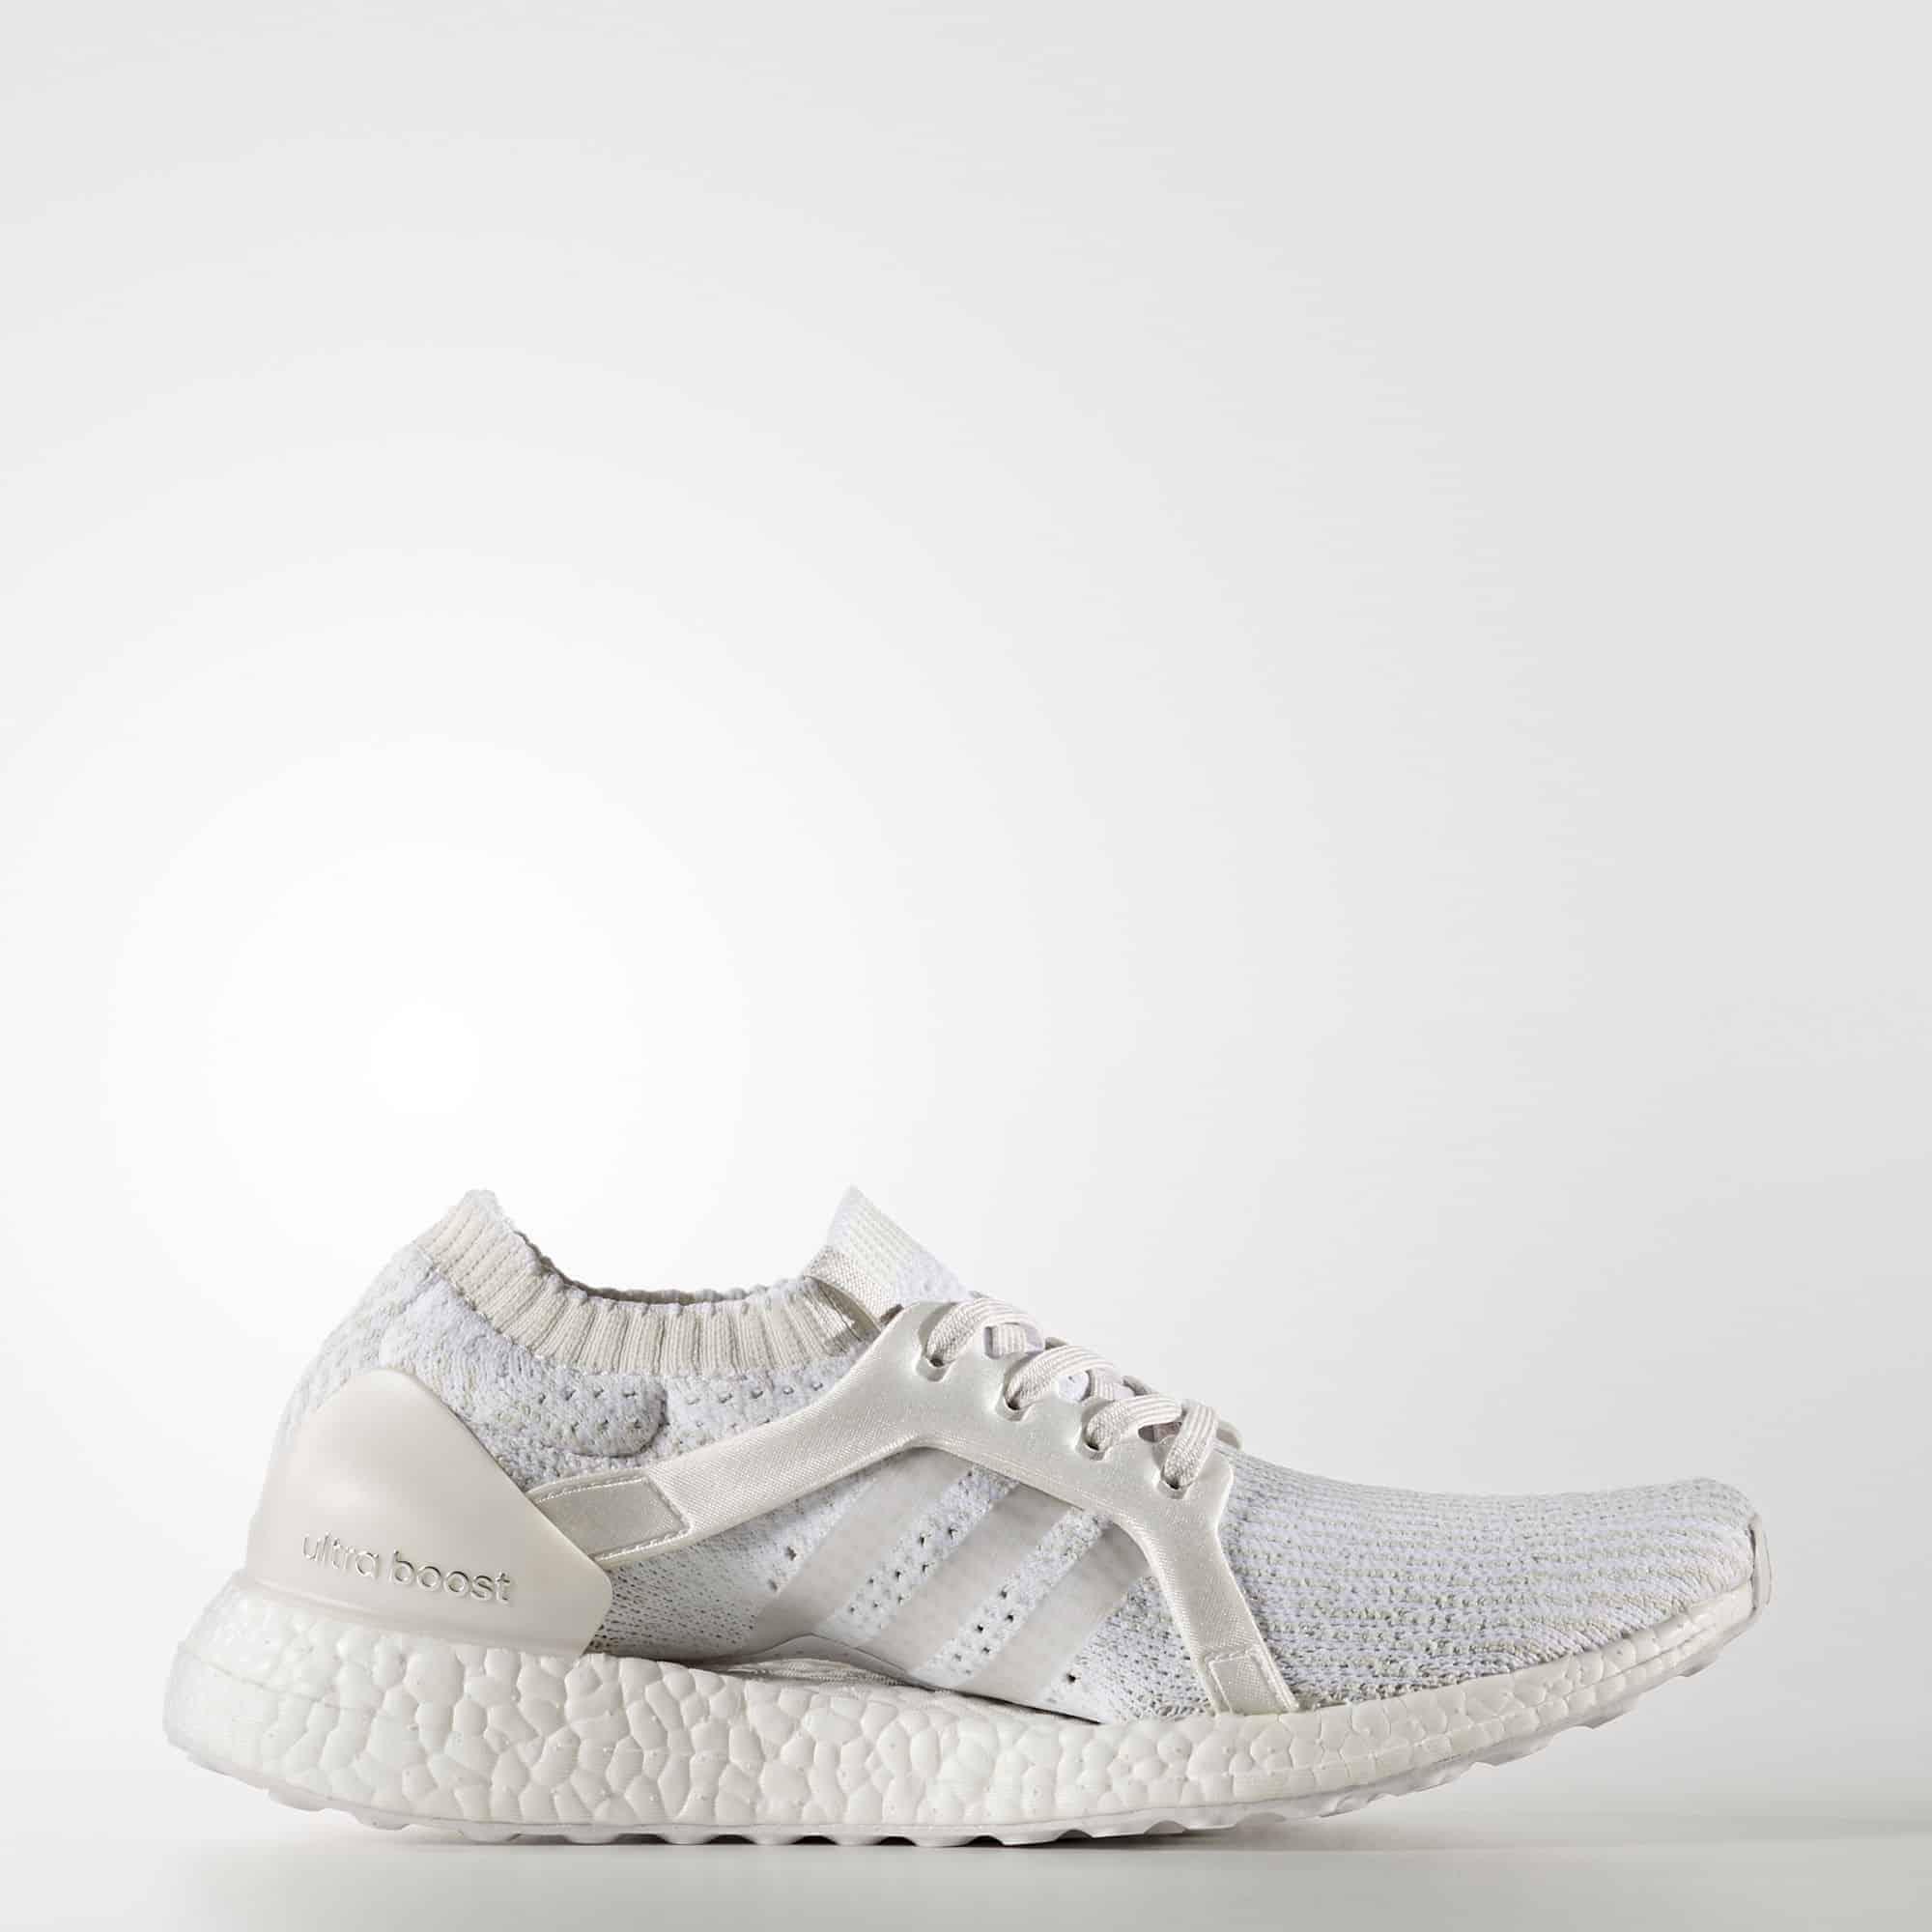 Кроссовки для бега Adidas Ultra Boost X женские